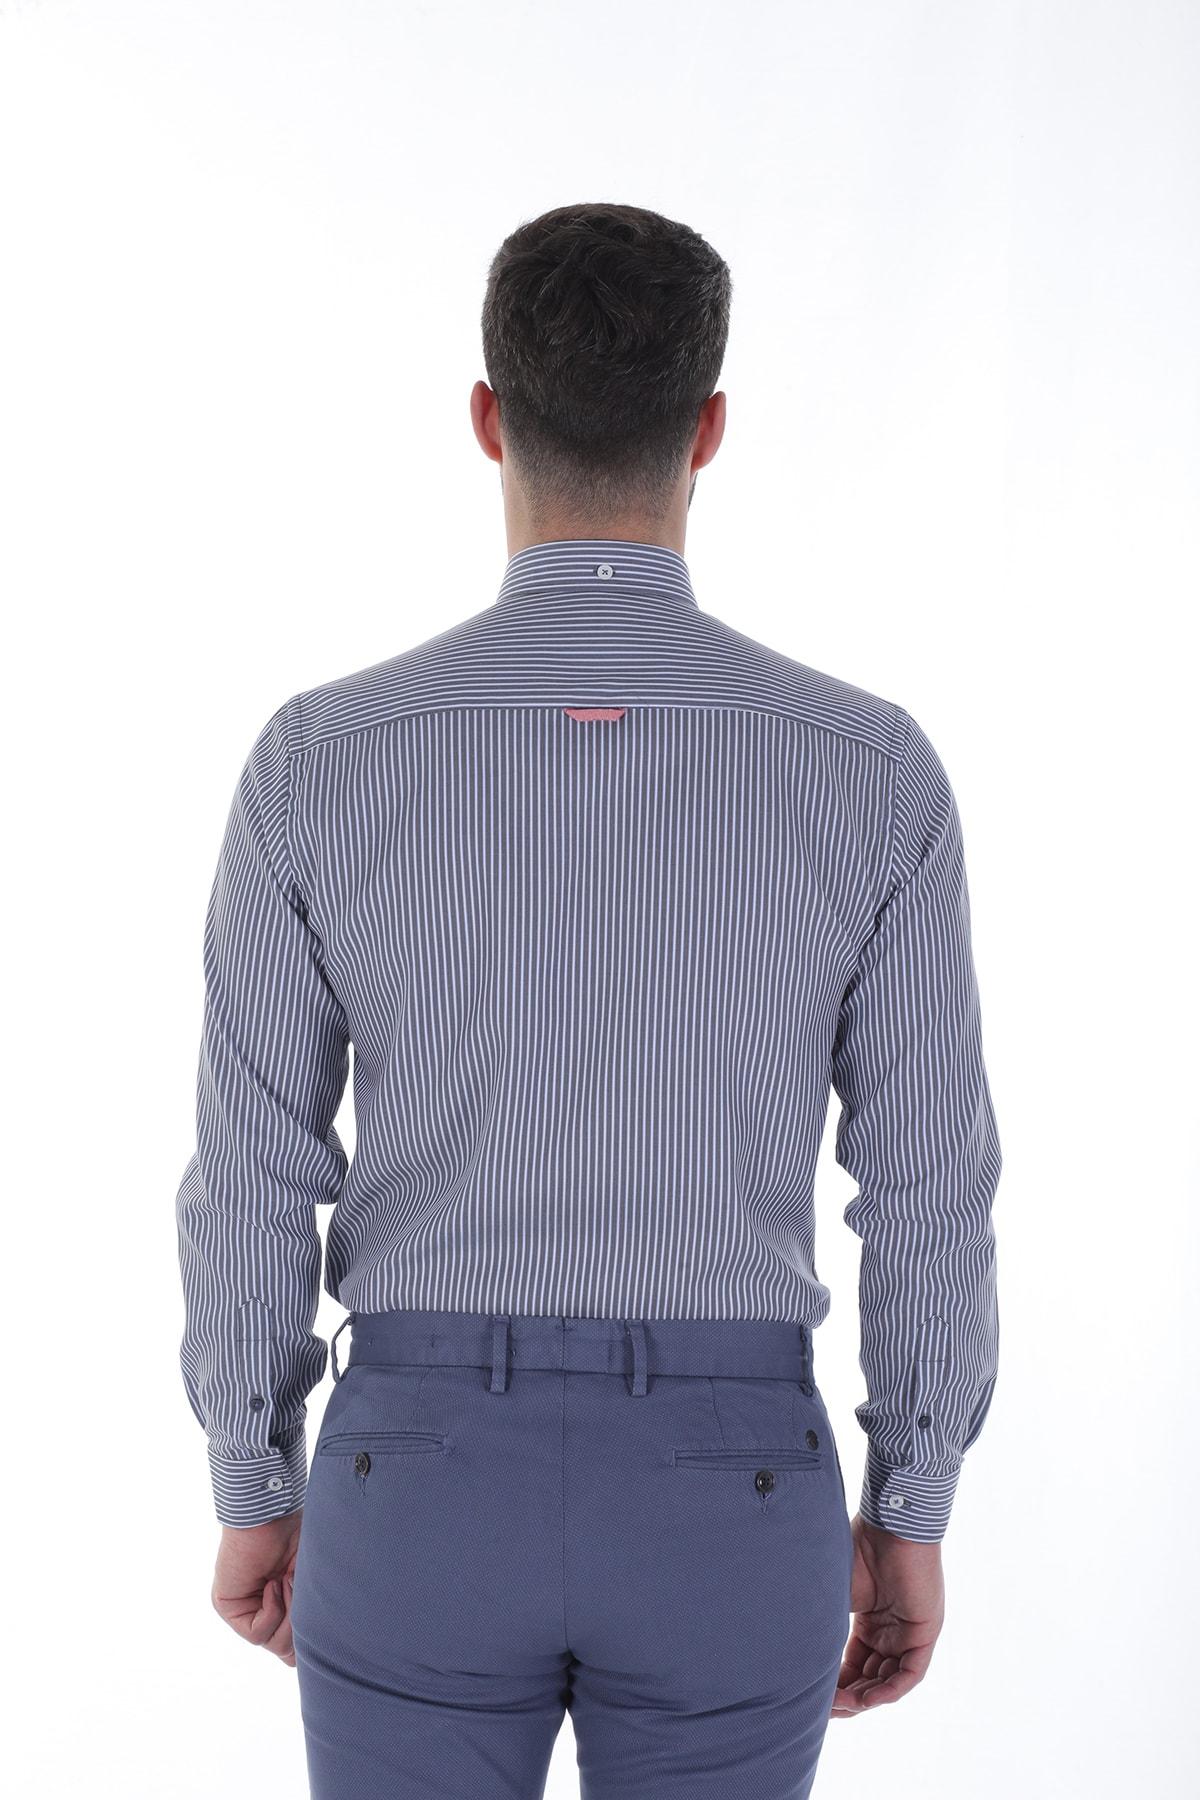 Diandor Uzun Kollu Erkek Gömlek V13 1912013 2